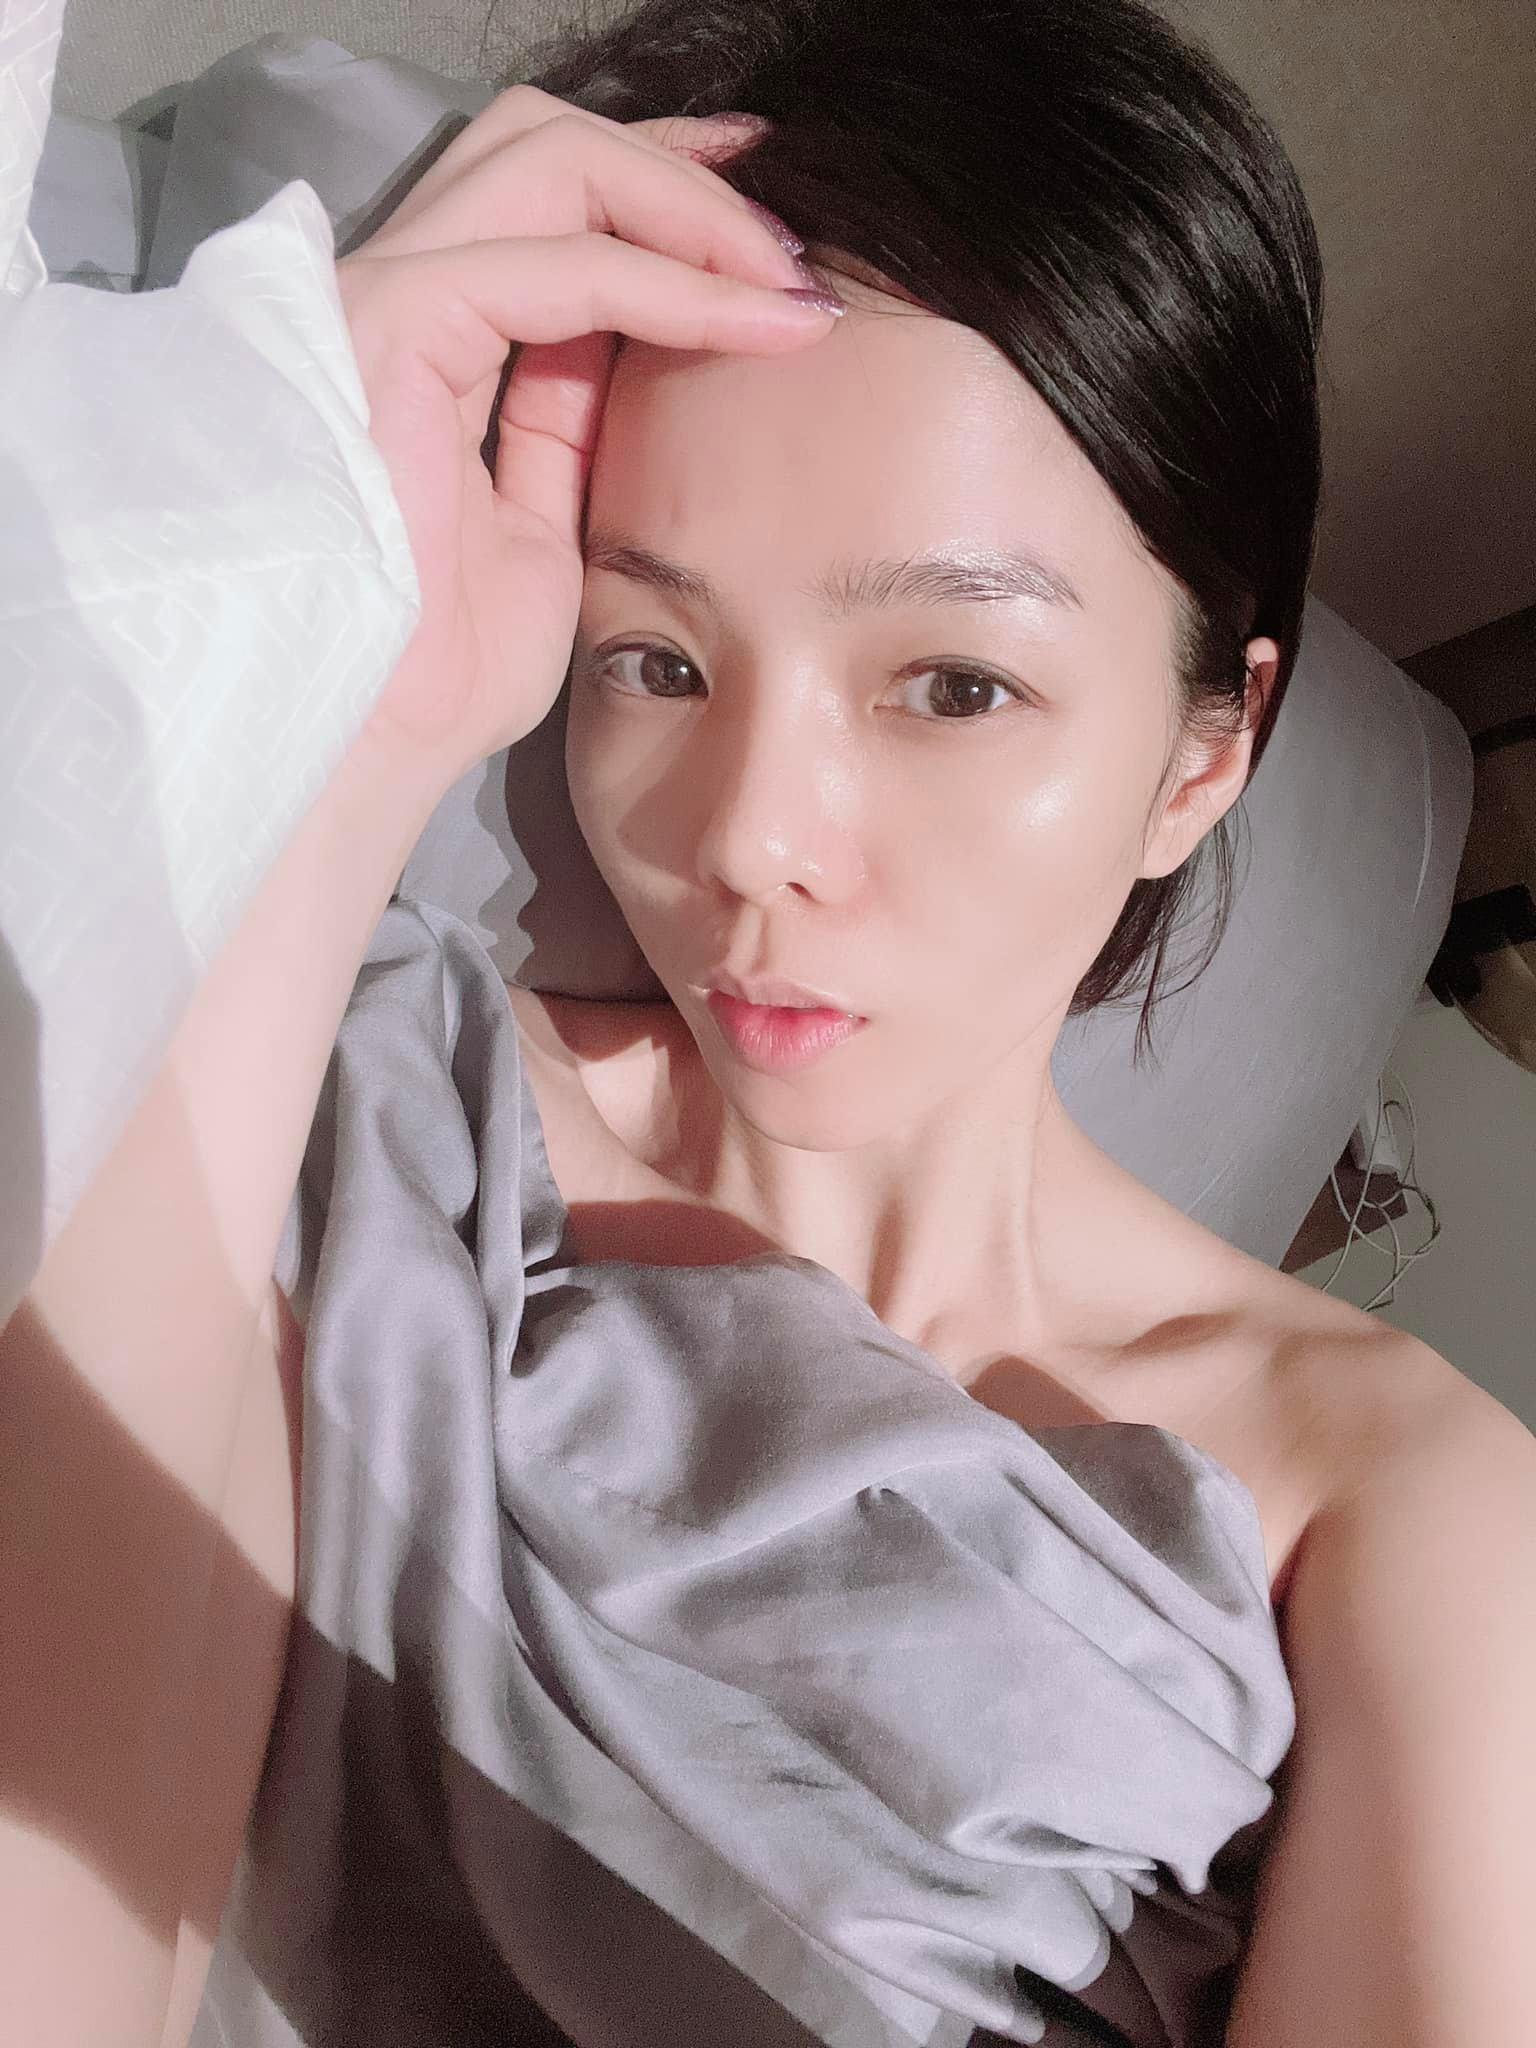 Sao Việt gầy đến đáng báo động, nhìn bà xã Trường Giang mà lo lắng - 5